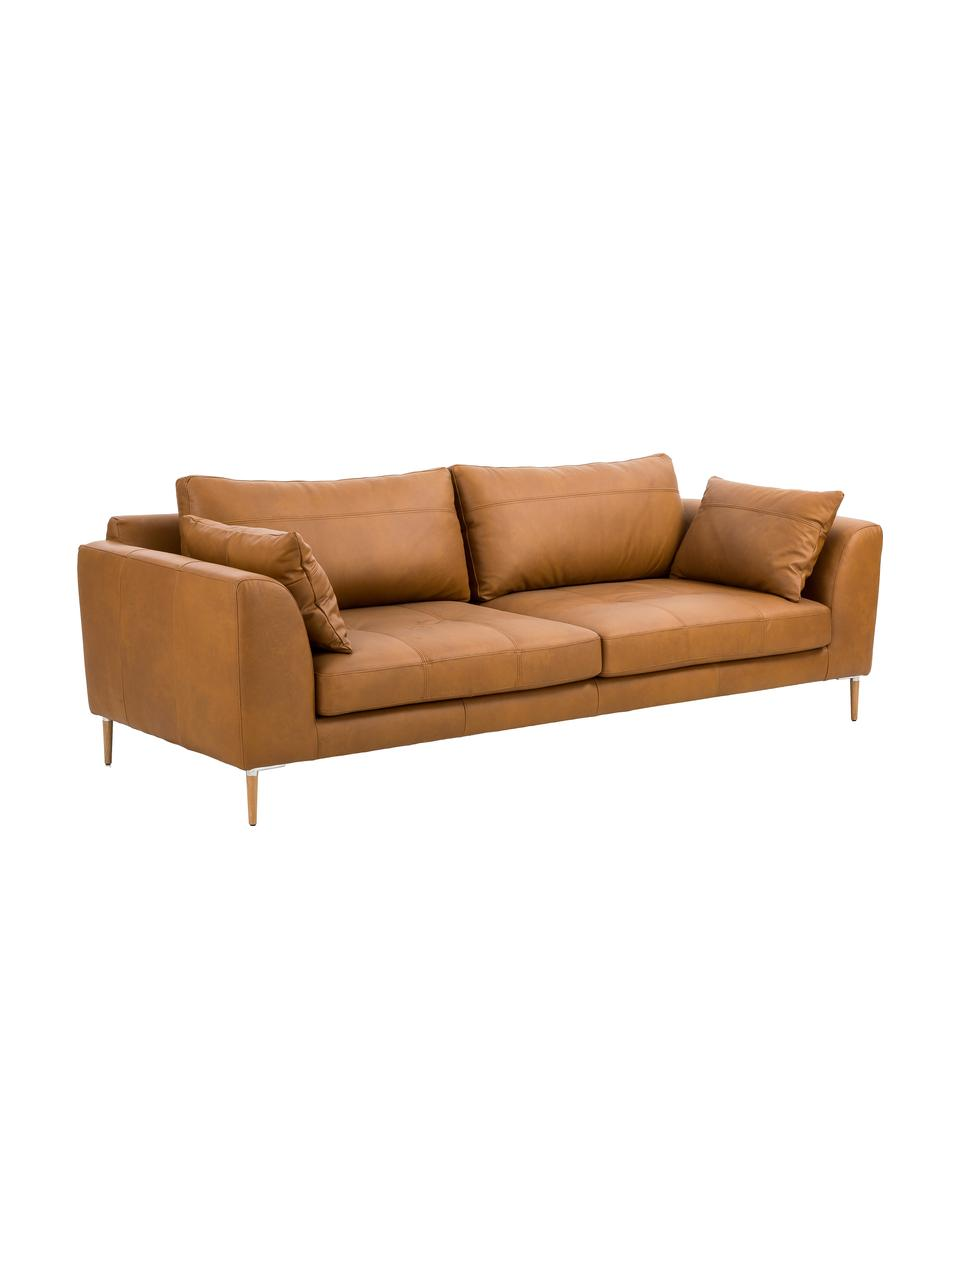 Leder Big Sofa Canyon (3-Sitzer) in Cognacfarben mit Holz-Füßen, Bezug: Semianilinleder, Füße: Buchenholz, Metall, Leder Cognac, B 225 x T 100 cm